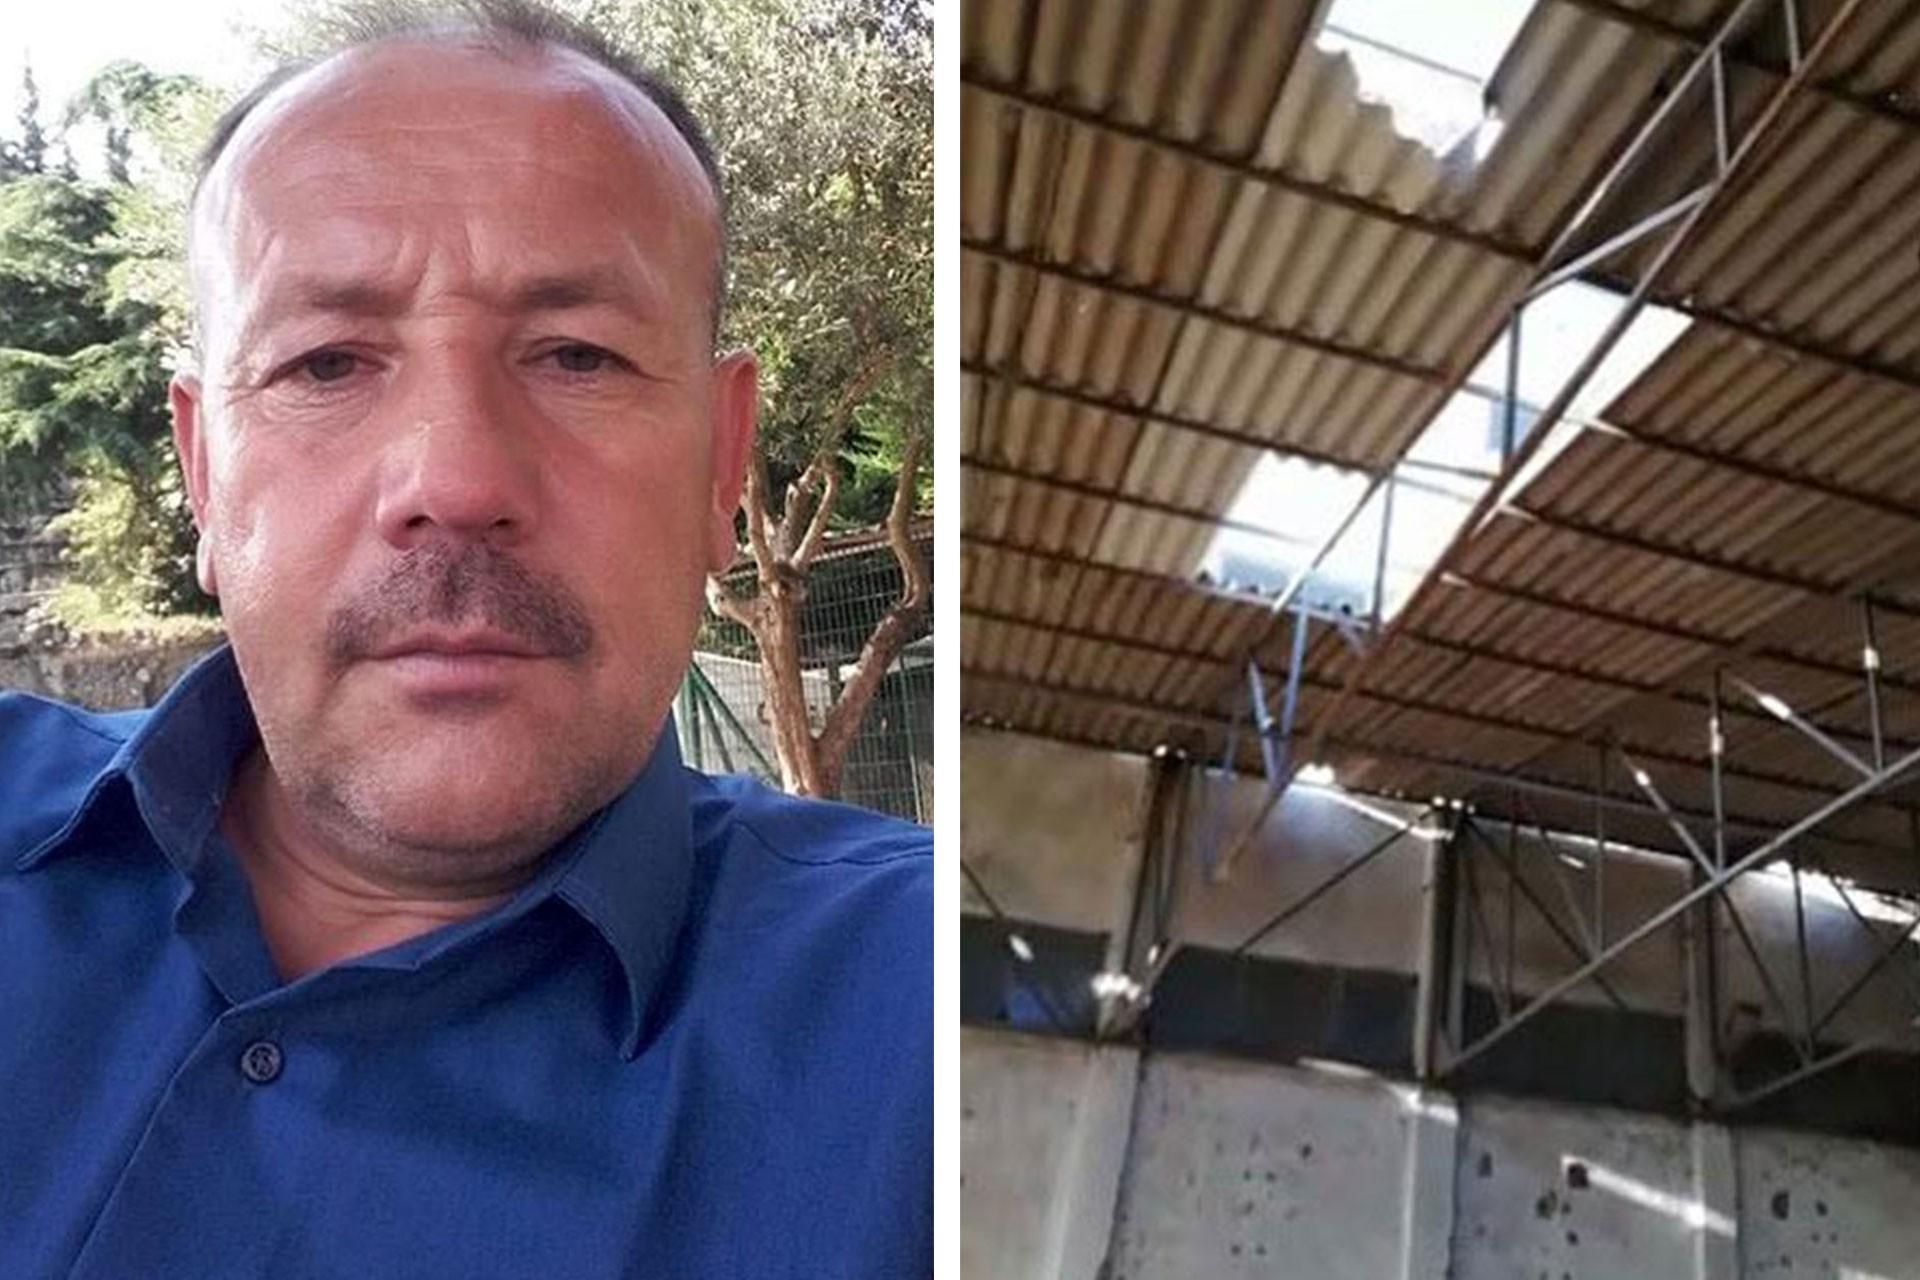 Sakarya'da iş cinayeti: İşyerinin çatısını tamir etmek isteyen bekçi düşerek öldü